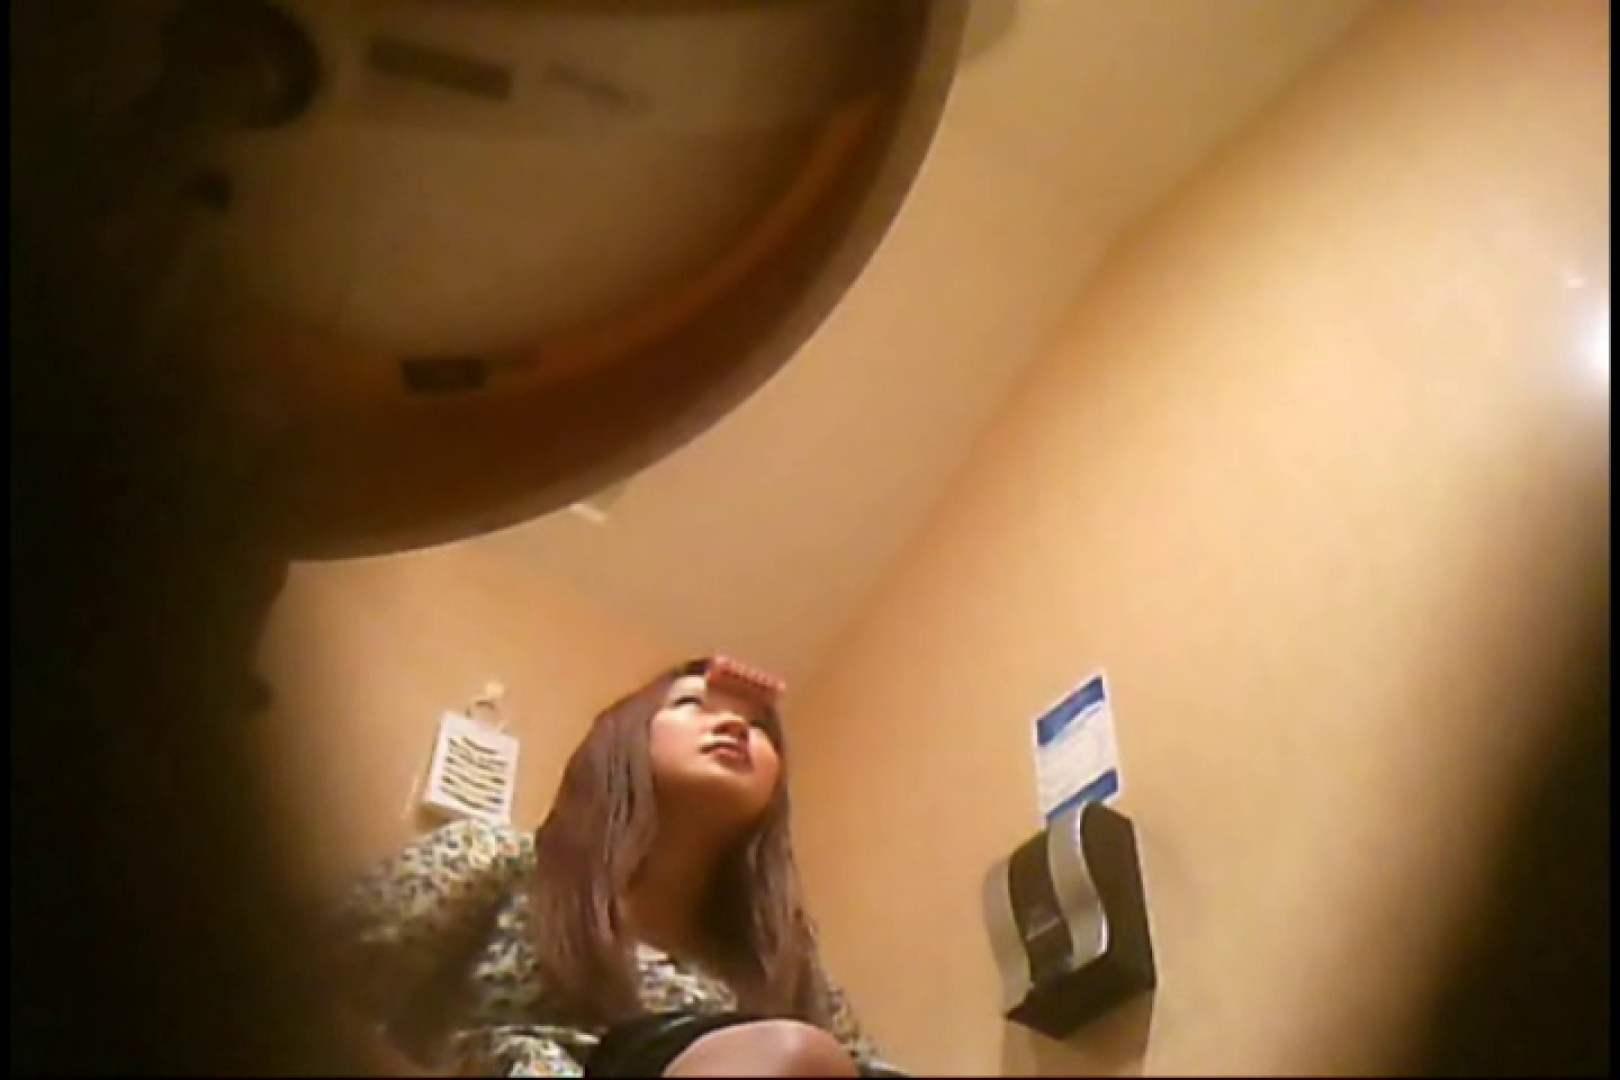 潜入!!女子化粧室盗撮~絶対見られたくない時間~vo,55 エッチな盗撮 盗み撮り動画 103pic 2